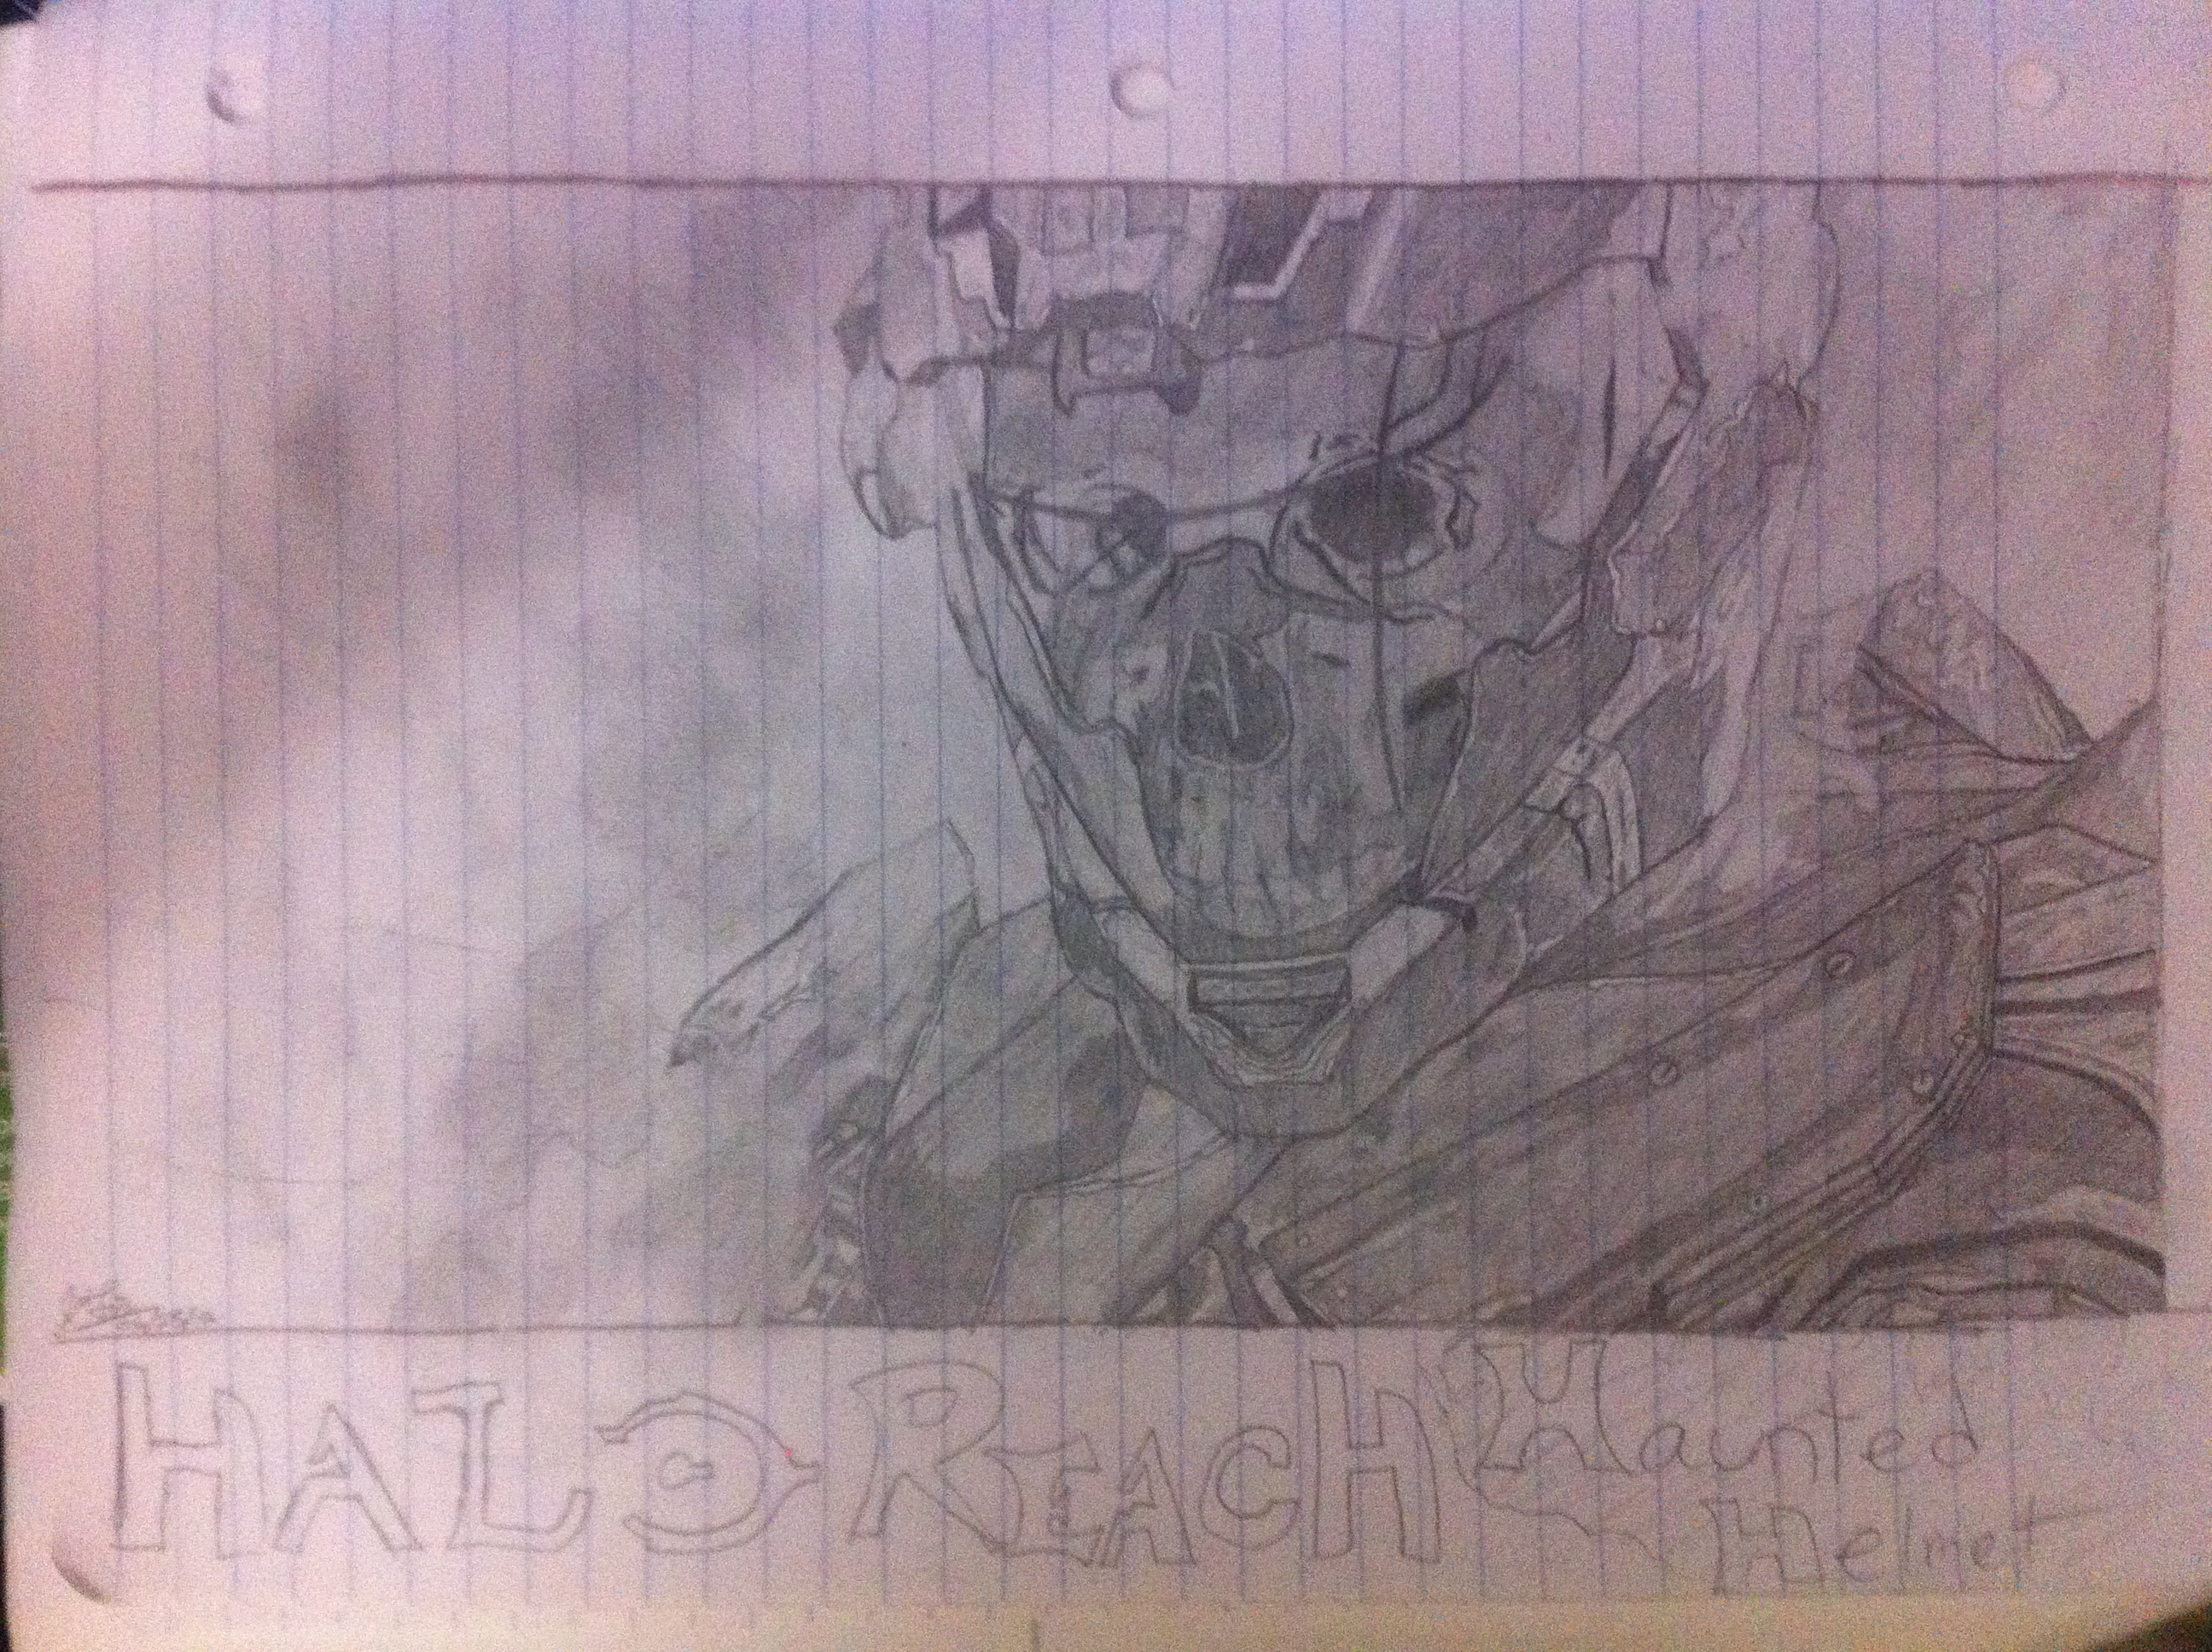 halo reach helmet by xrapterj on DeviantArt